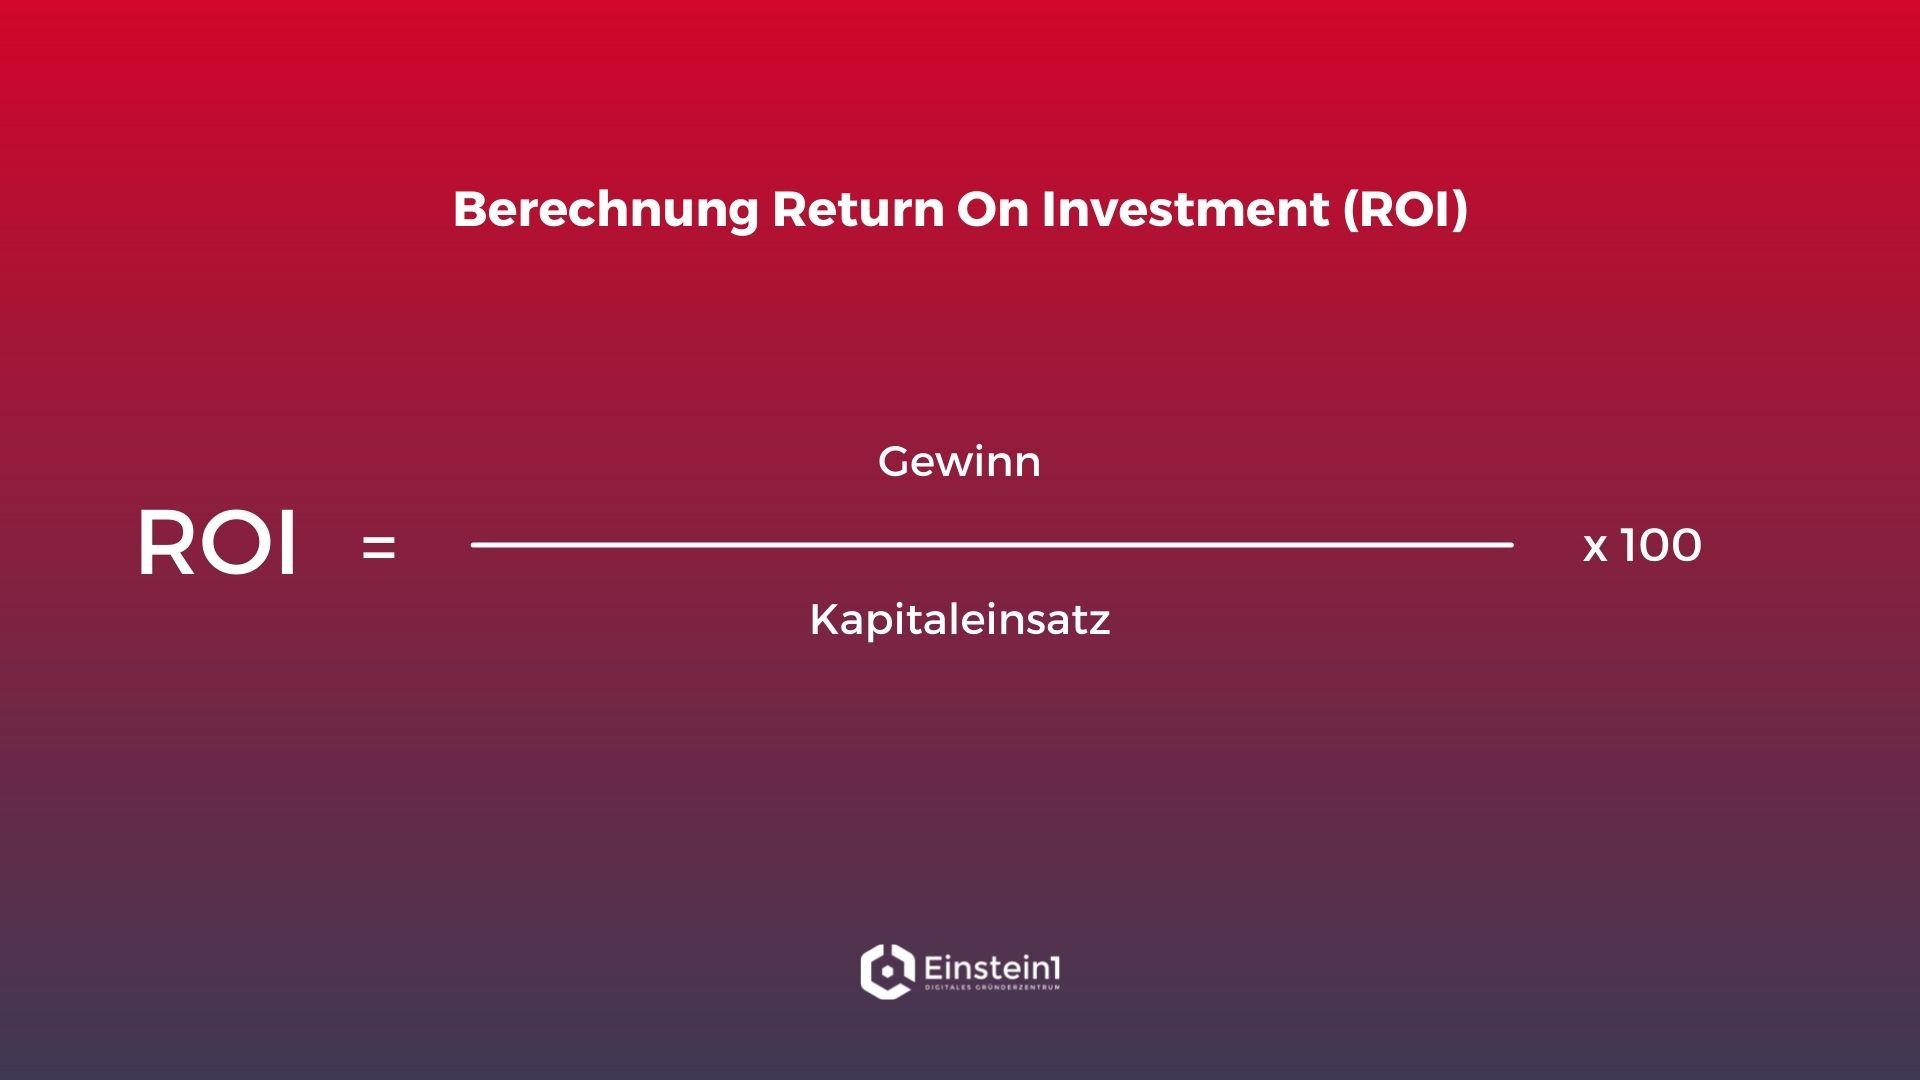 kennzahlen-online-marketing-return-on-investment-einstein1